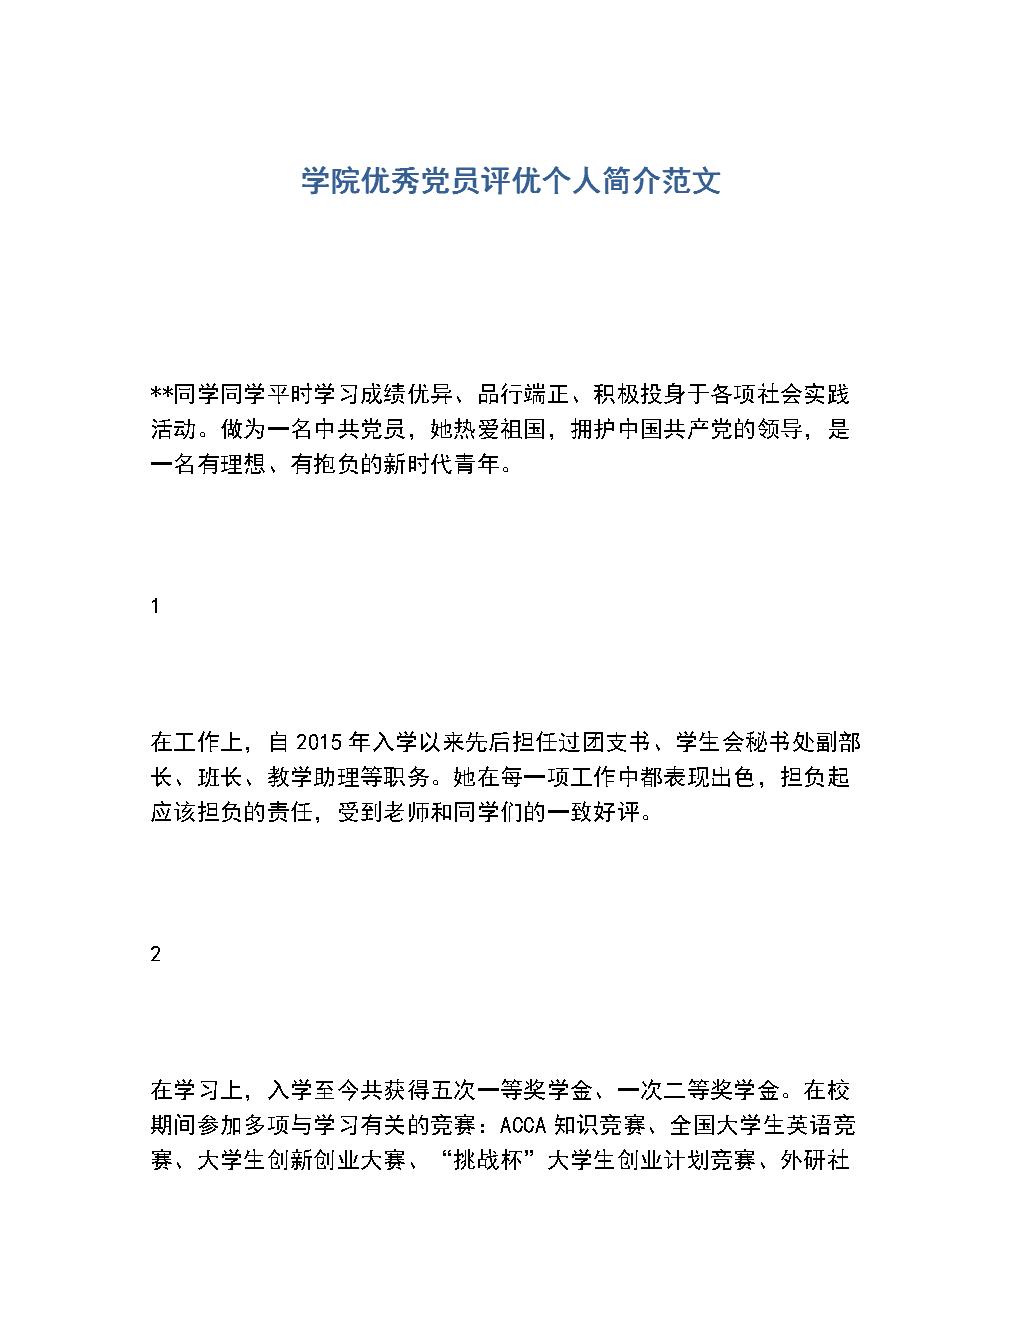 2020年學院優秀黨員評優個人簡介范文.docx